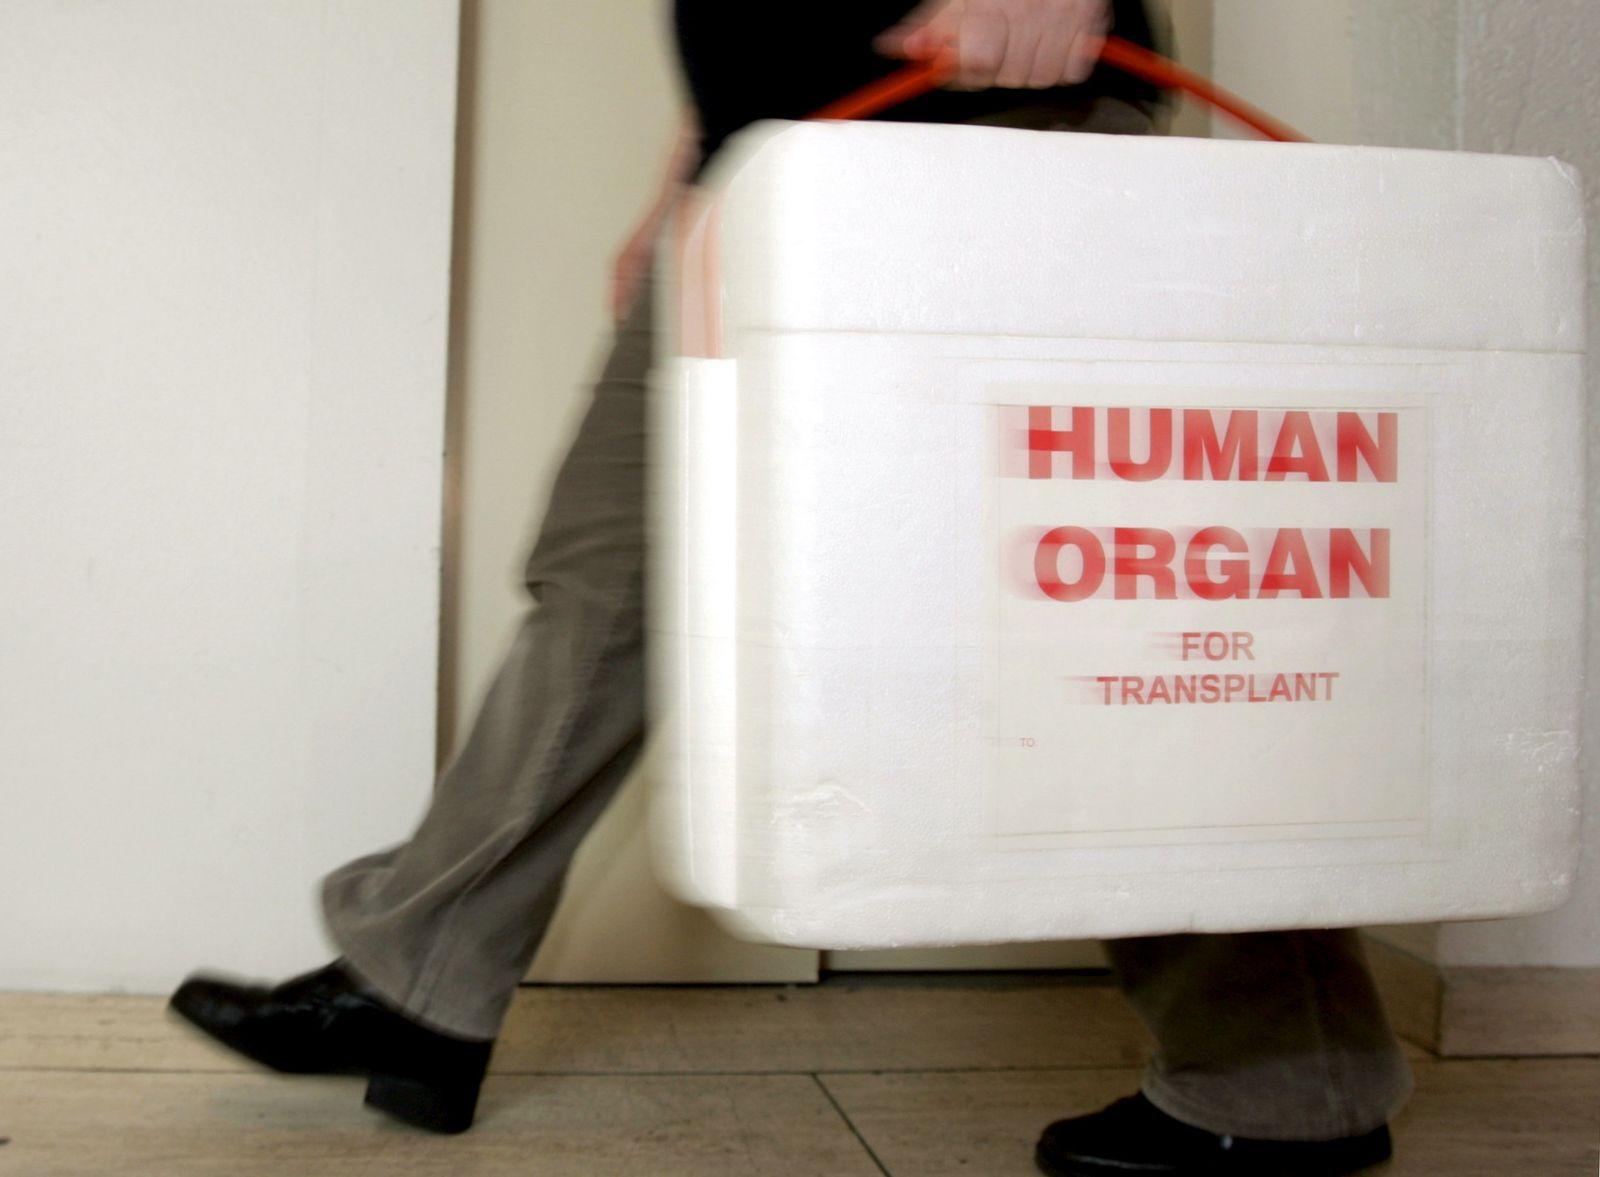 NUR FÜR SPAM Münchner Unimediziner soll Organspende-Daten gefälscht haben